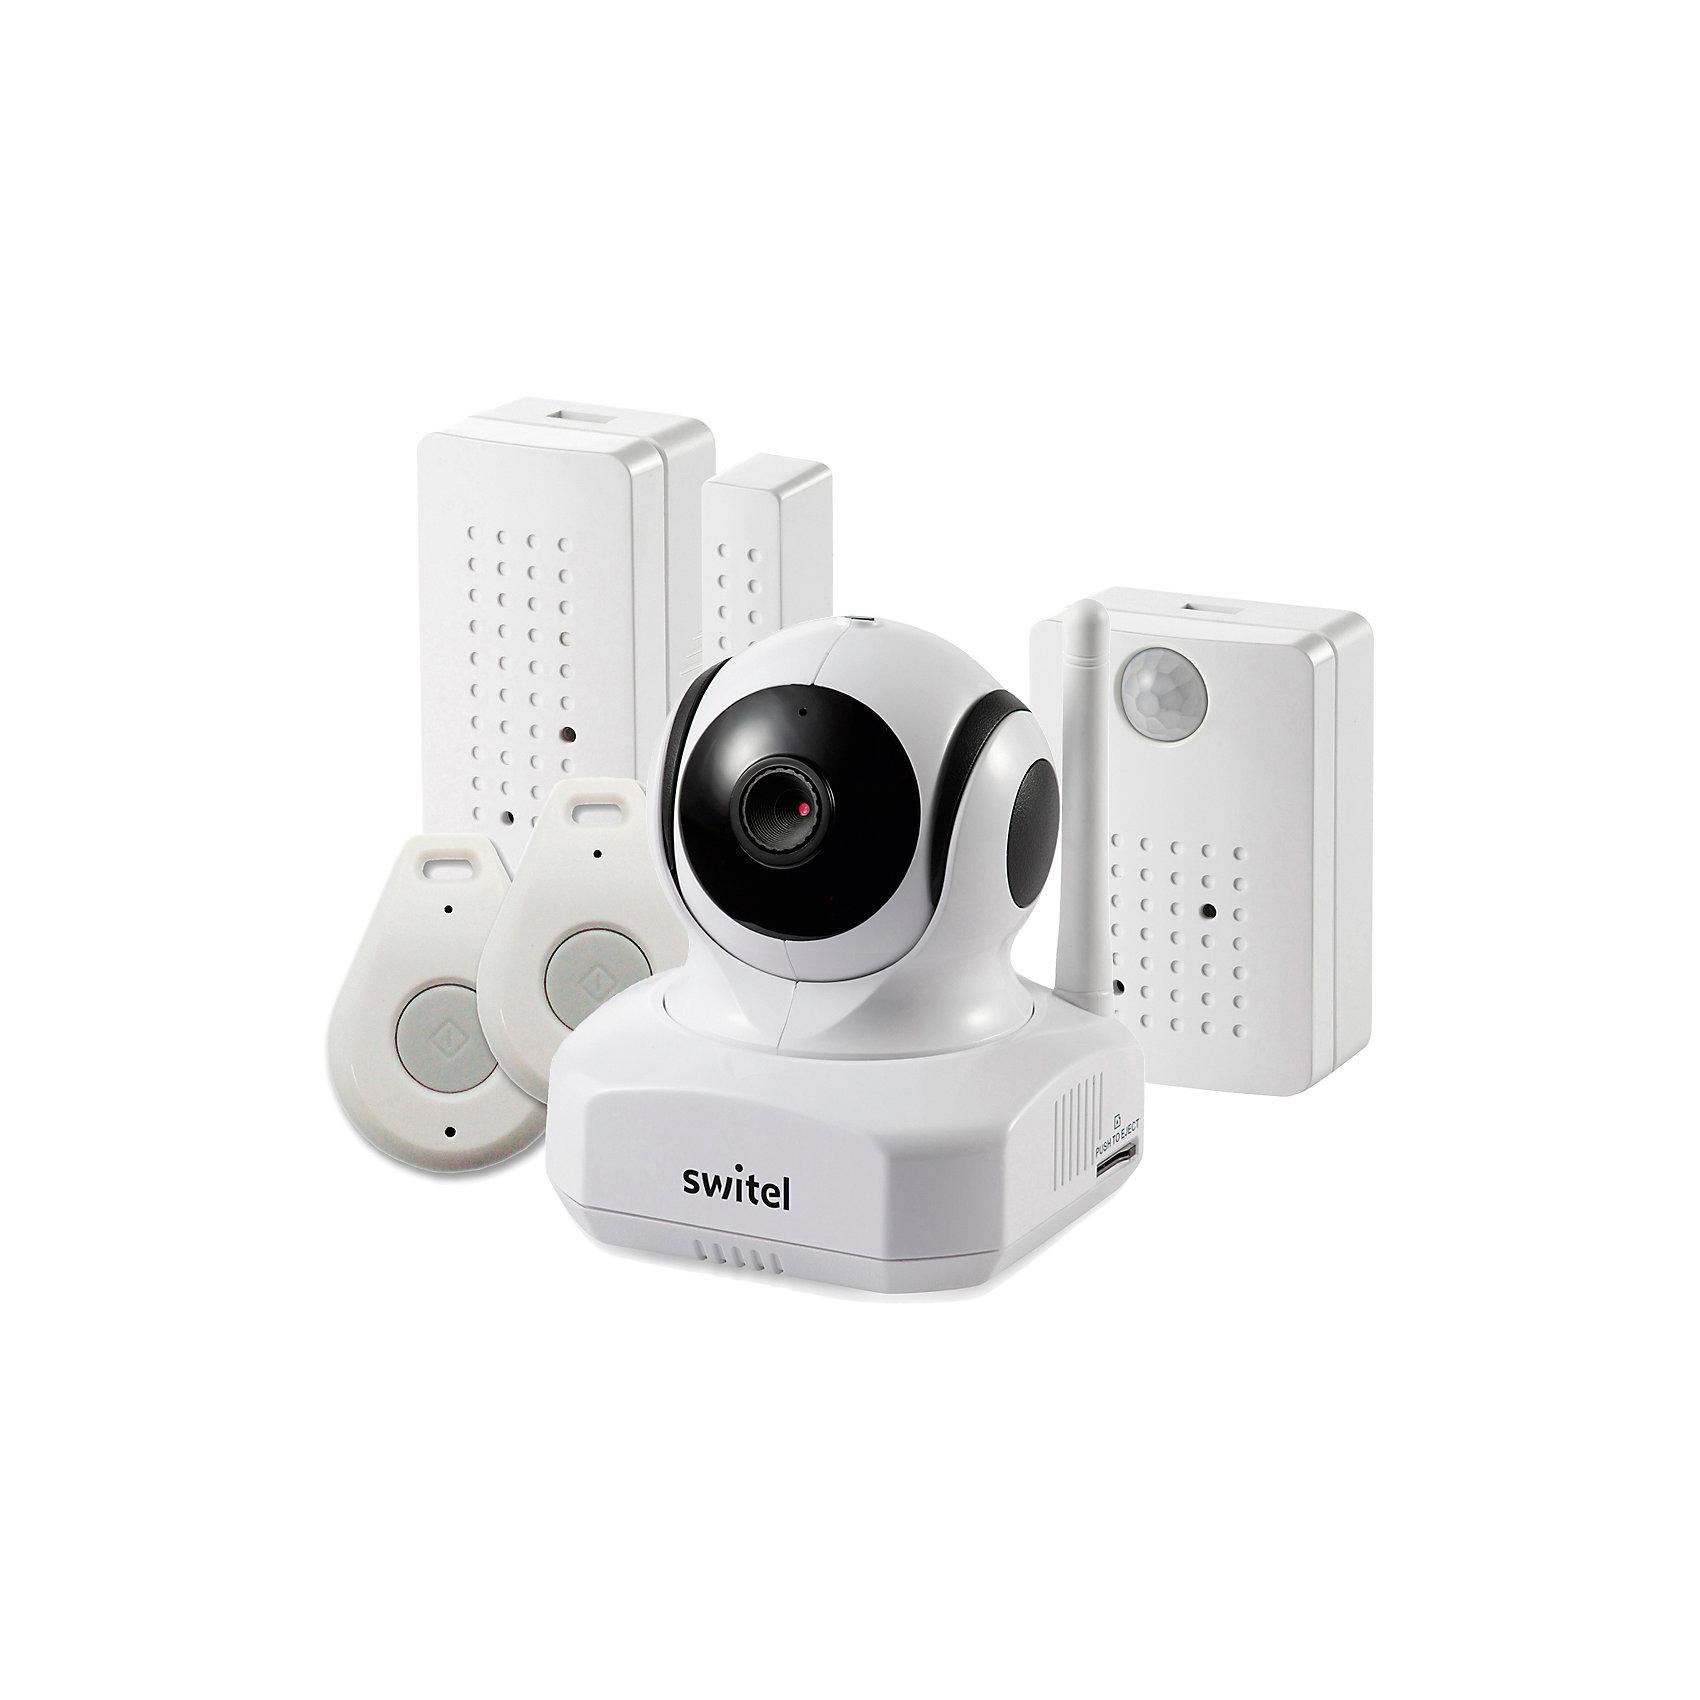 Видеоняня WiFi HD BSW220, SwitelДетская бытовая техника<br>Видеоняня WiFi HD BSW220, Switel (Свител)<br><br>Характеристики:<br><br>• подходит для iPhone, iPad и Android<br>• бесплатное приложение<br>• можно использовать как охранную сигнализацию<br>• звуковая сирена +85dB для охранной системы<br>• доступ из любой точки мира<br>• высокое качество изображения в формате HD 720p<br>• автоматическое оповещение при плаче или движении<br>• двухсторонняя связь<br>• возможность записи<br>• слот для карты памяти Micro SD (до 32 GB)<br>• возможно подключение датчиков открытия дверей и окон (в комплекте)<br>• возможно подключение датчиков температуры и влажности (не входят в комплект)<br>• в комплекте: камера, датчик DW, датчик PIR, 2 кнопки удаленного управления, батареи для сенсоров и кнопок управления, адаптер питания<br>• размер упаковки: 20х30х10 см<br>• вес: 600 грамм<br><br>Видеоняня BSW220 - настоящий подарок для всей семьи. Вы можете использовать ее как устройство для присмотра за ребенком и как охранную систему. В комплект входят датчики открытия окон и дверей, отслеживающие движение в помещение. В случае работы в режиме охраны, видеоняня может работать как охранная сигнализация с издаваемой звуковой сиреной в 85 децибел.<br><br>Видеоняня BSW220 позаботится о безопасности ребенка, когда вас нет рядом. Вы сможете наблюдать за малышом из любой точки планеты. Для этого необходимо скачать специальное приложение на ваше мобильное устройство. Приложение совместимо с iPhone, iPad, Android. Камера обеспечивает высококачественное изображение в формате HD 720p. <br><br>Возможен непрерывный мониторинг или автоматическое подключение при обнаружении плача. Также, при обнаружении плача видеоняня отправляет push-уведомление на ваше мобильное устройство. Возможно запись фото или видео на карту памяти. <br><br>Видеоняню WiFi HD BSW220, Switel (Свител) можно купить в нашем интернет-магазине.<br><br>Ширина мм: 200<br>Глубина мм: 300<br>Высота мм: 100<br>Вес г: 101<br>Возраст от месяцев: